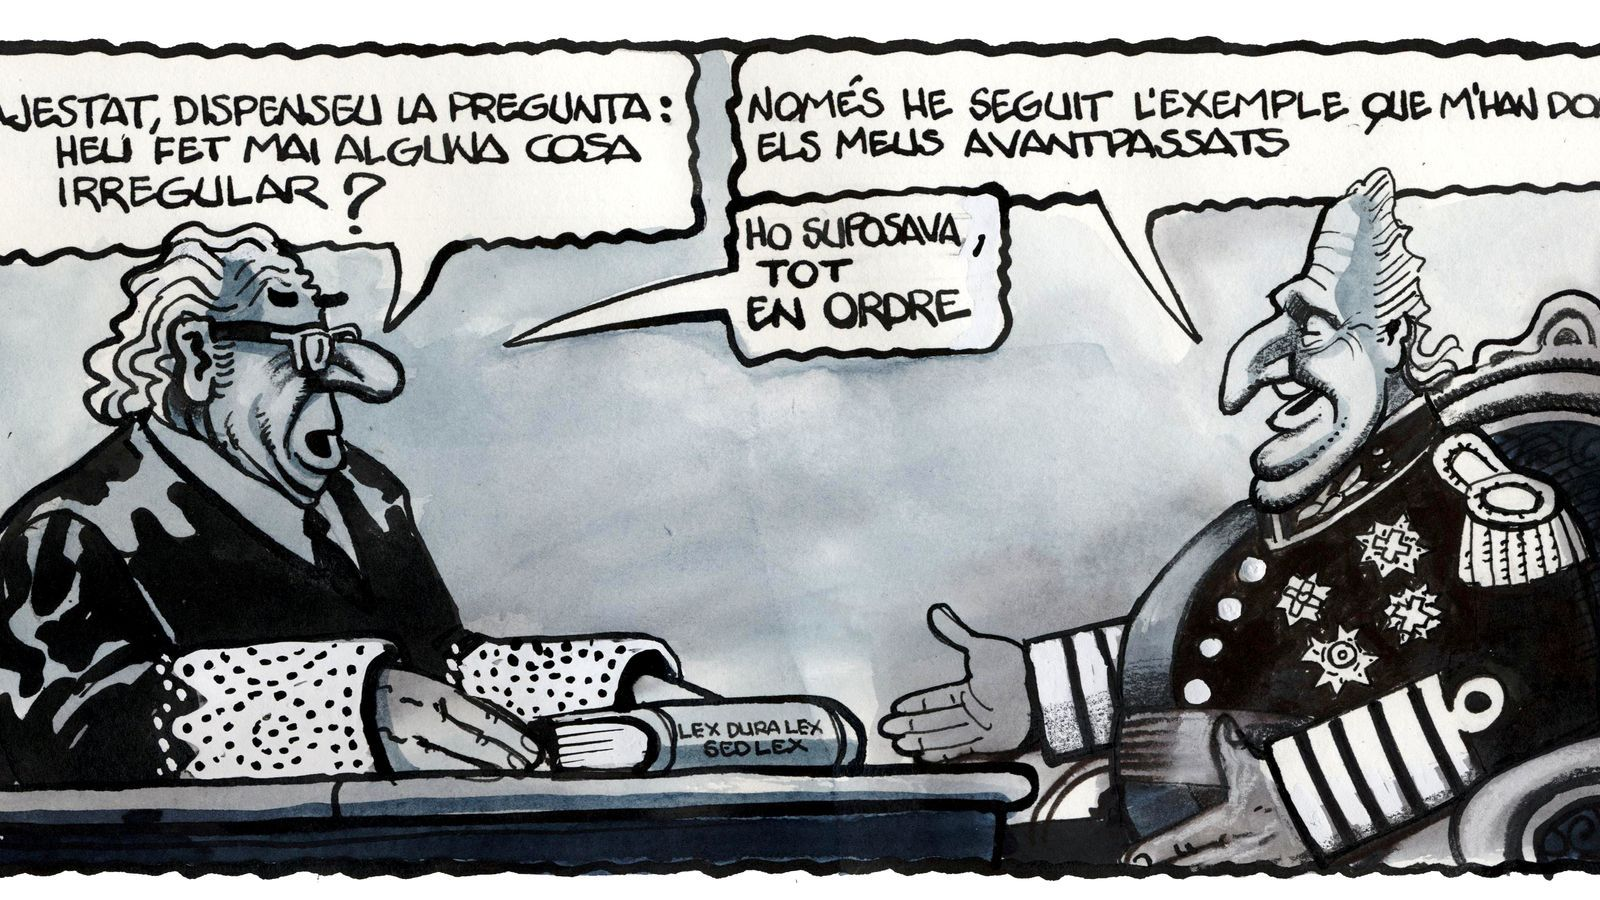 'A la contra', per Ferreres 10/06/2020